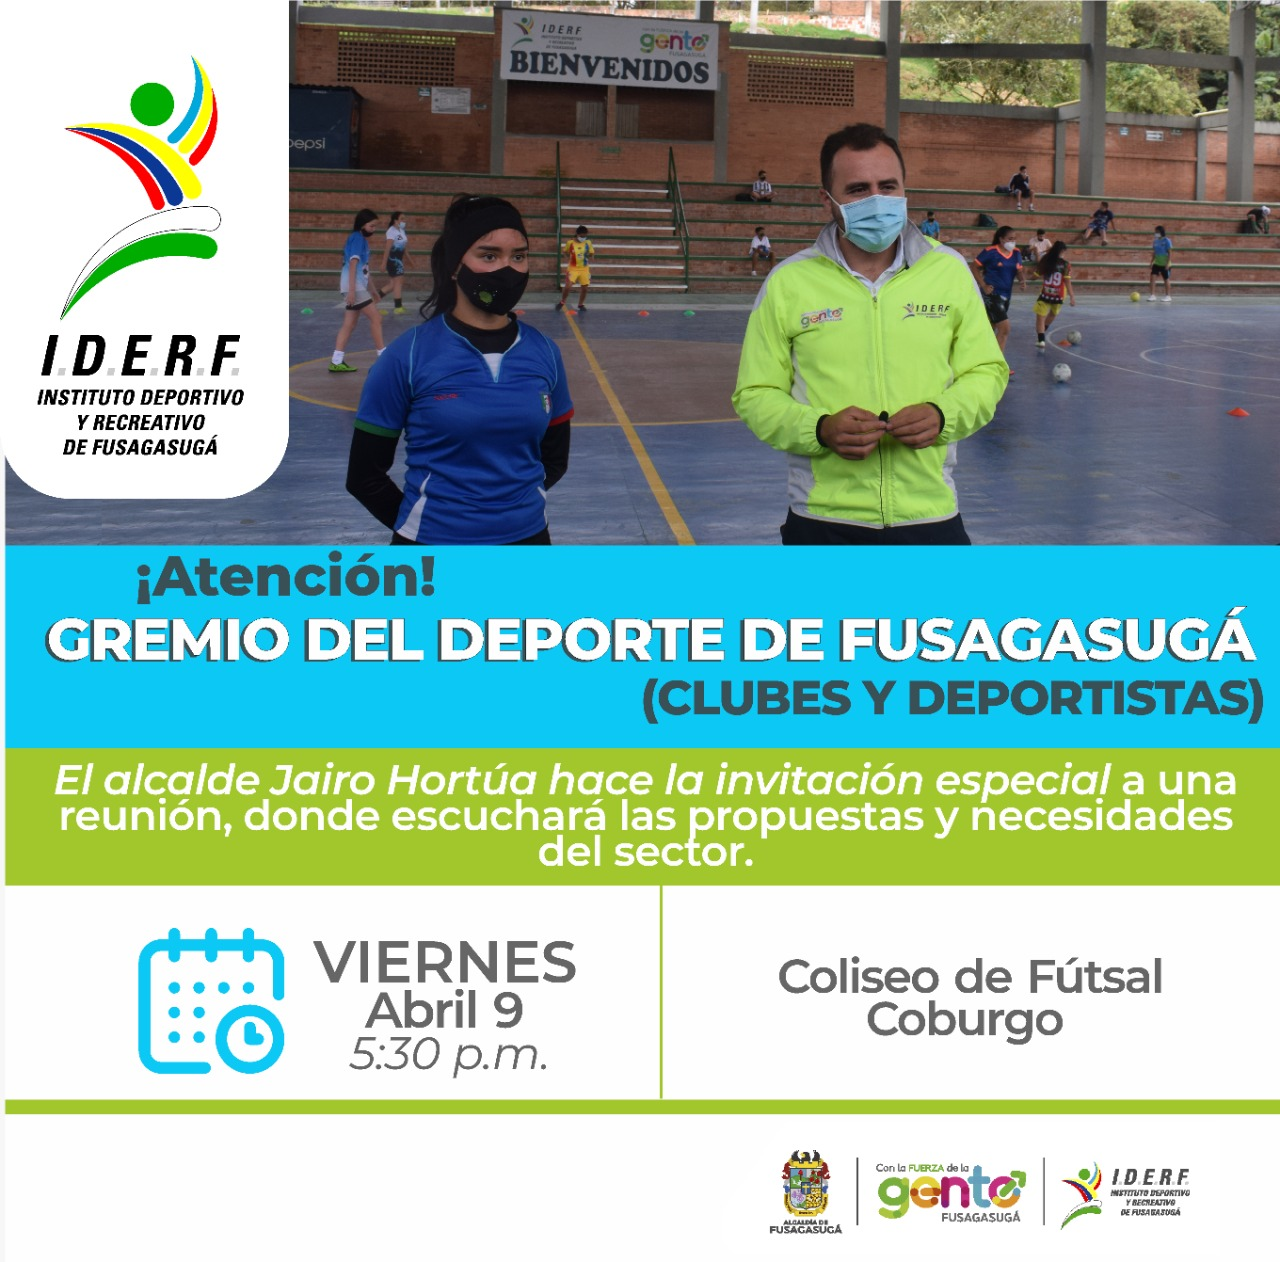 Alcalde Jairo Hortúa se reunirá con sector deporte de Fusagasugá.